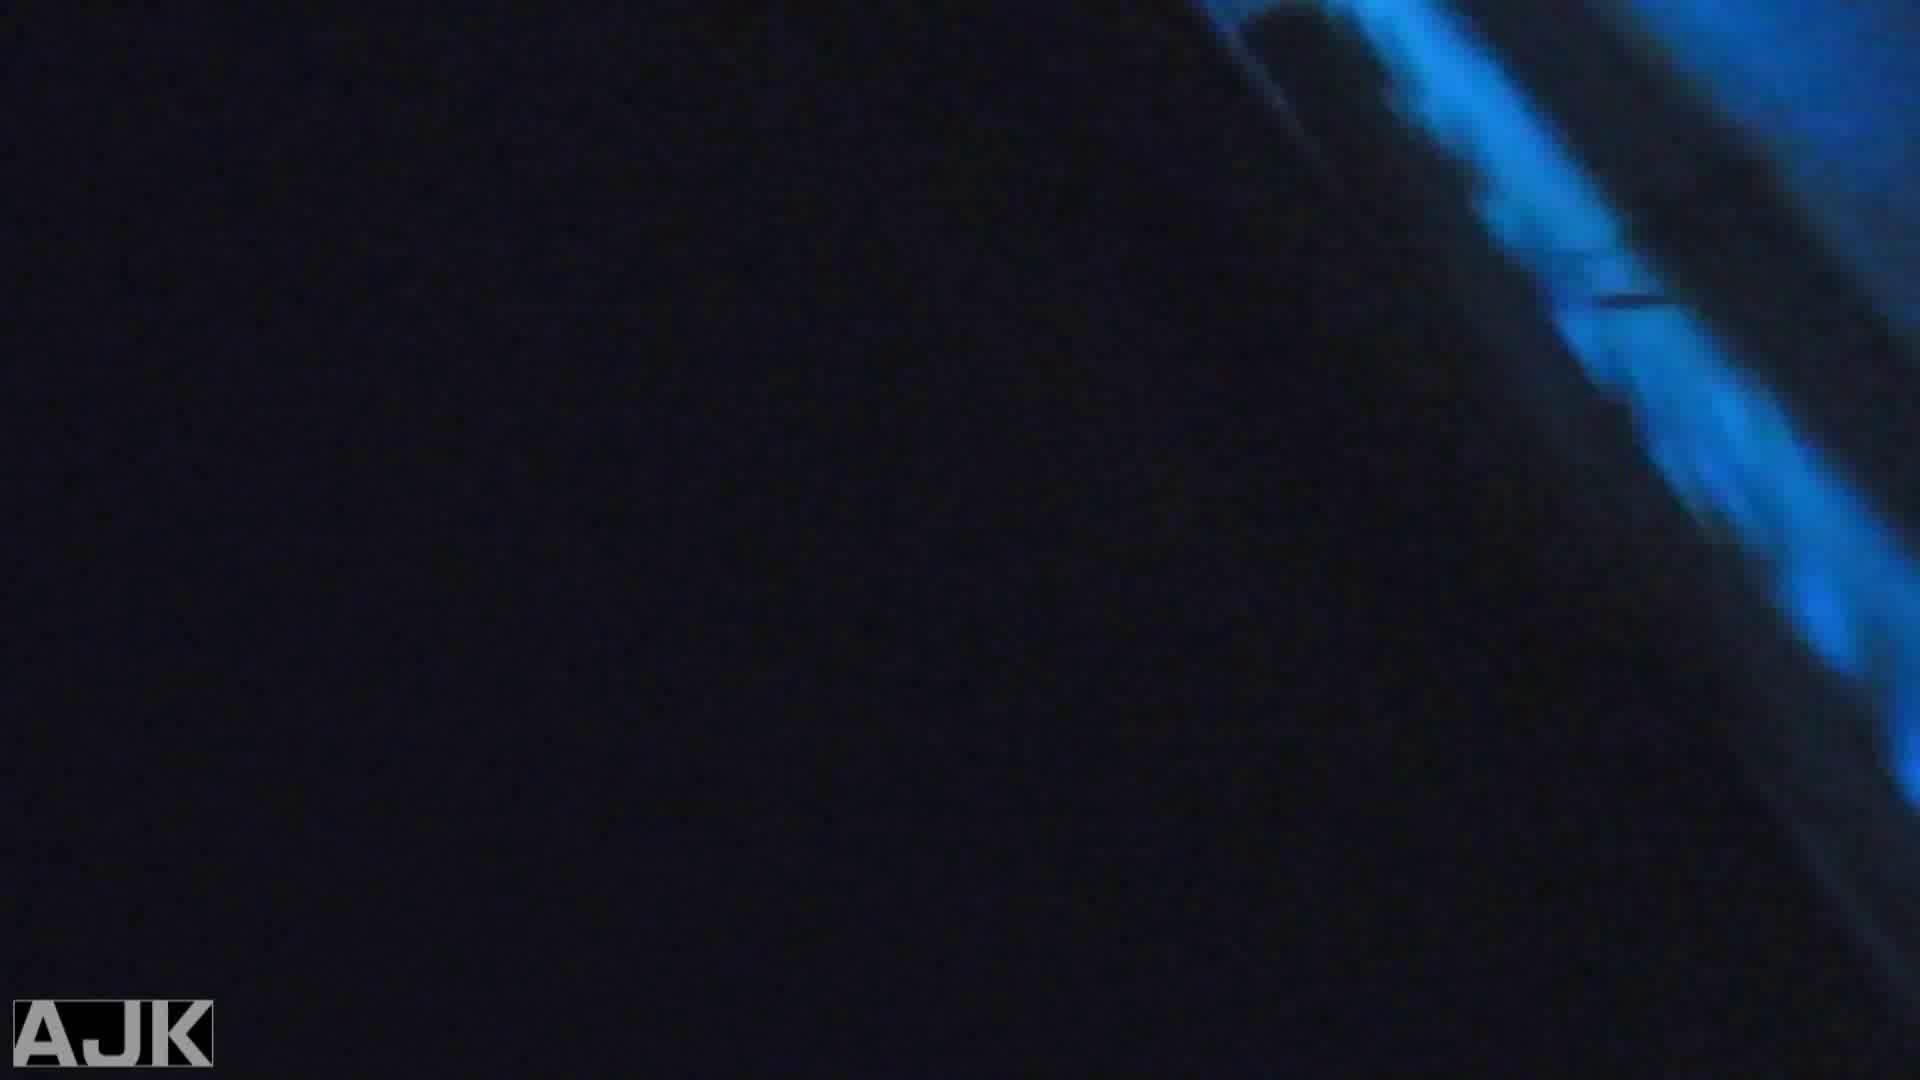 神降臨!史上最強の潜入かわや! vol.24 エロい美女 ワレメ動画紹介 86枚